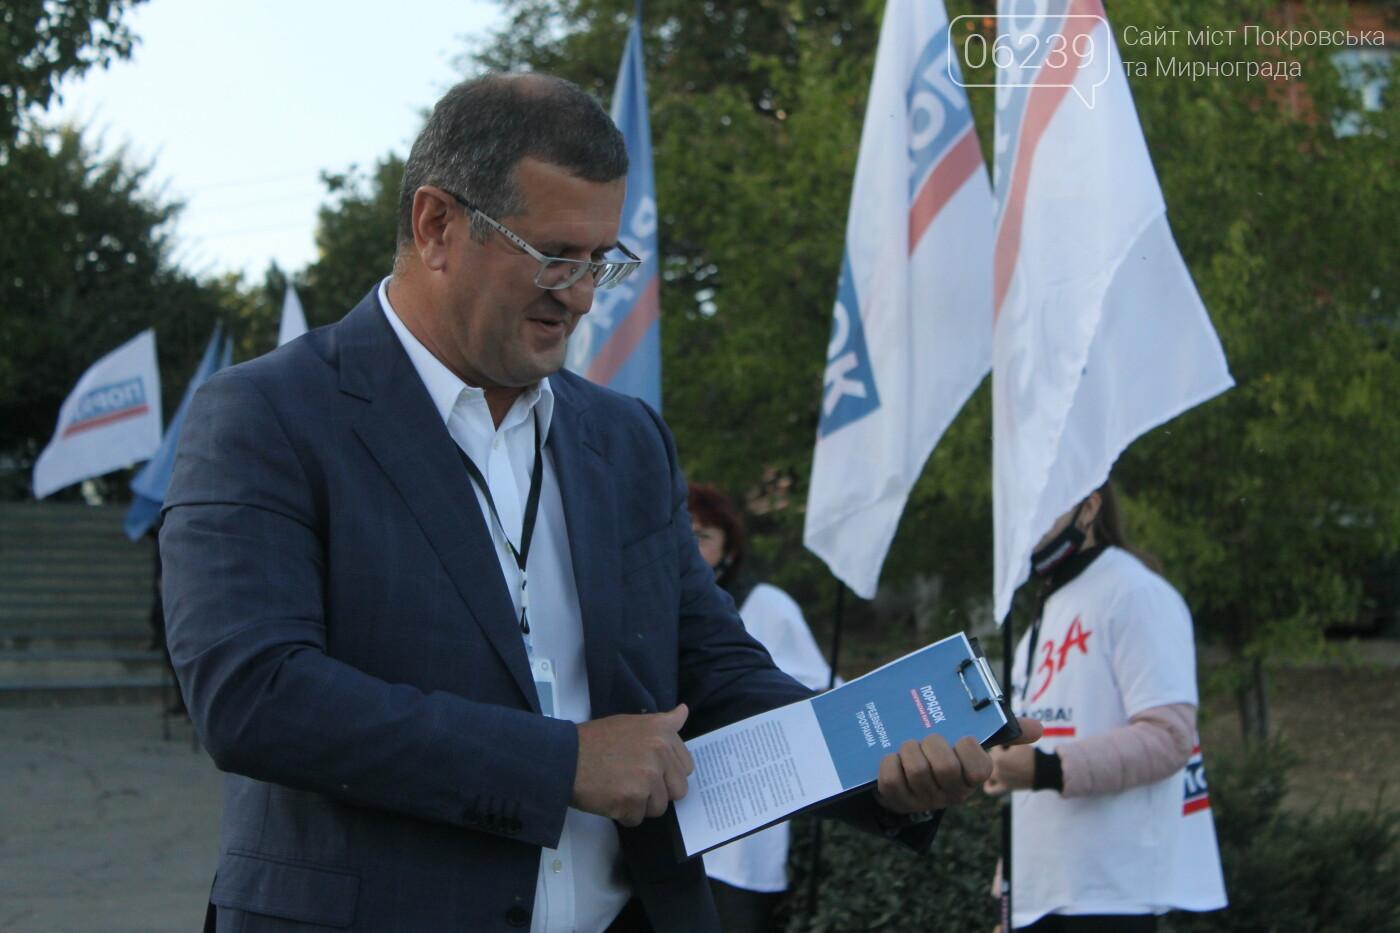 Состоялась объединенная областная конференция партии «Порядок», фото-5